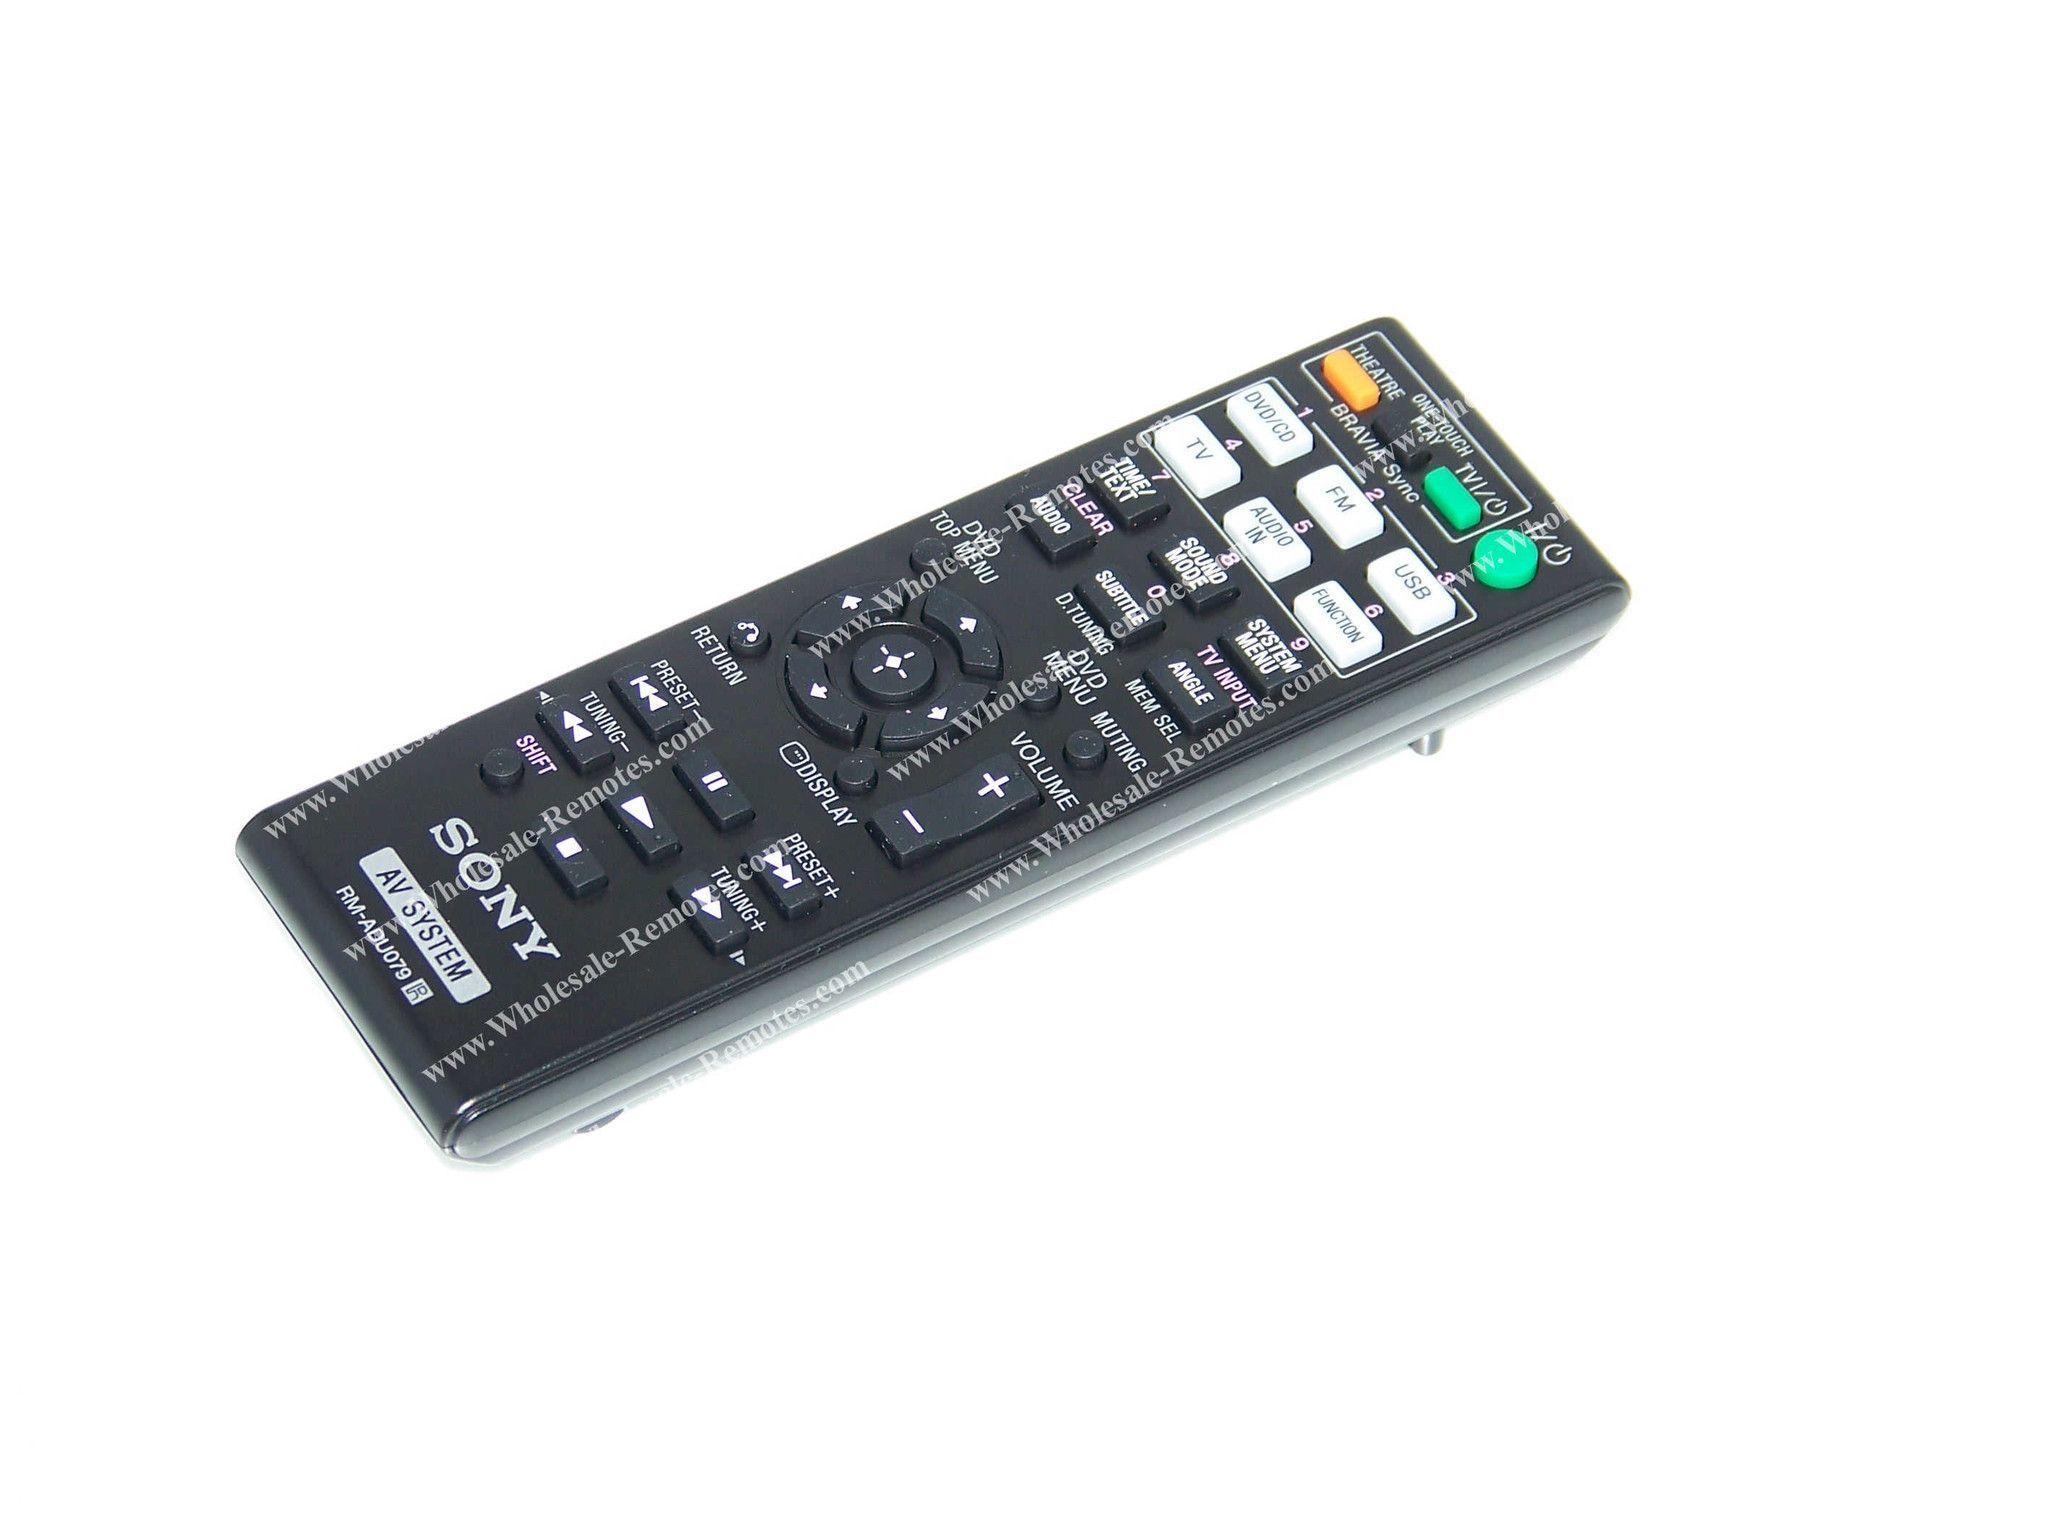 RM-ADU079 Sony Remote Control